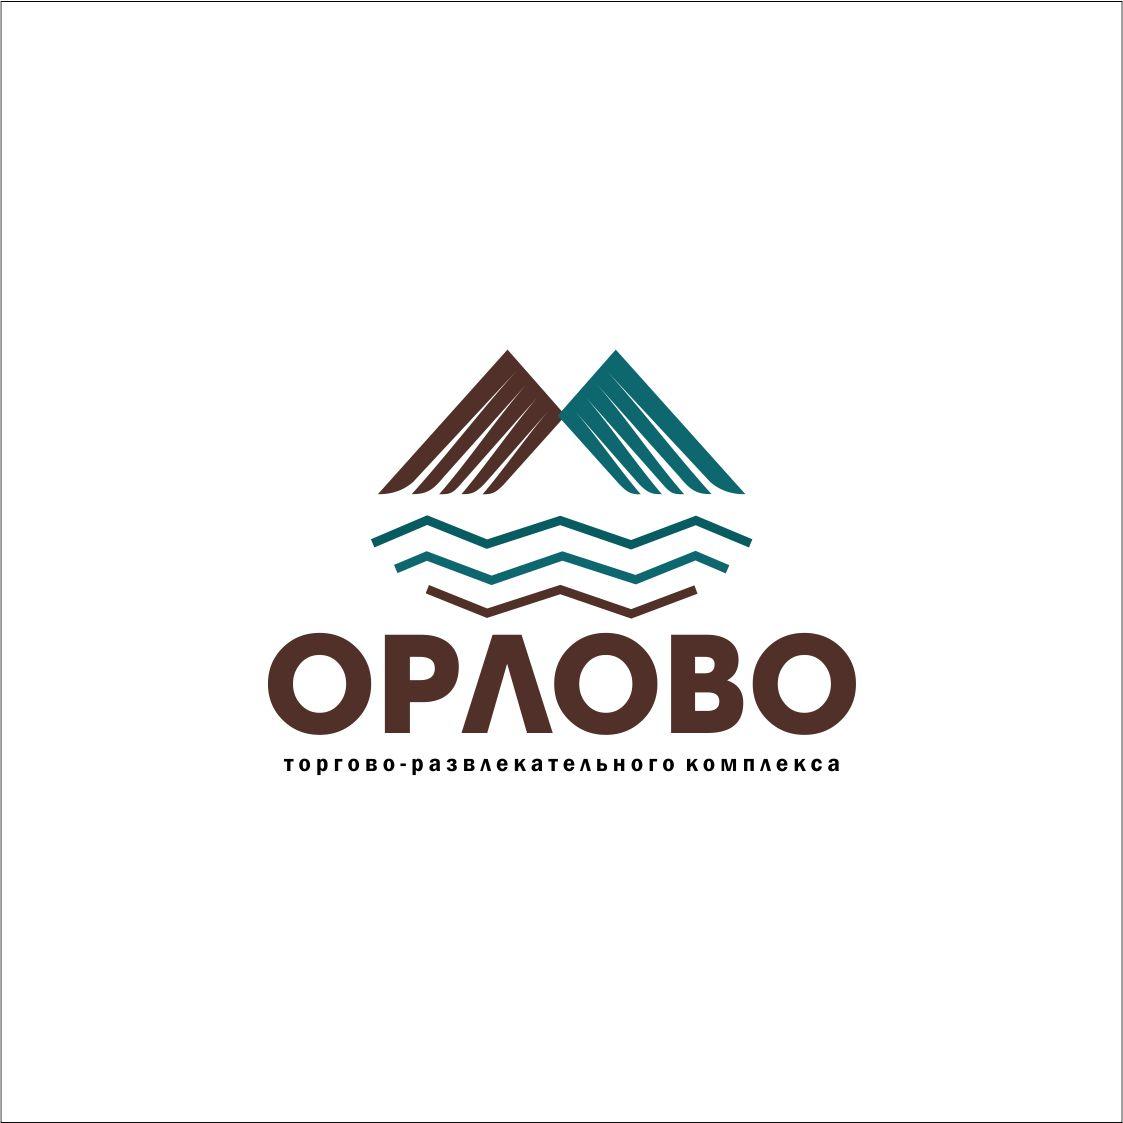 Разработка логотипа для Торгово-развлекательного комплекса фото f_1975972e3e41af76.jpg